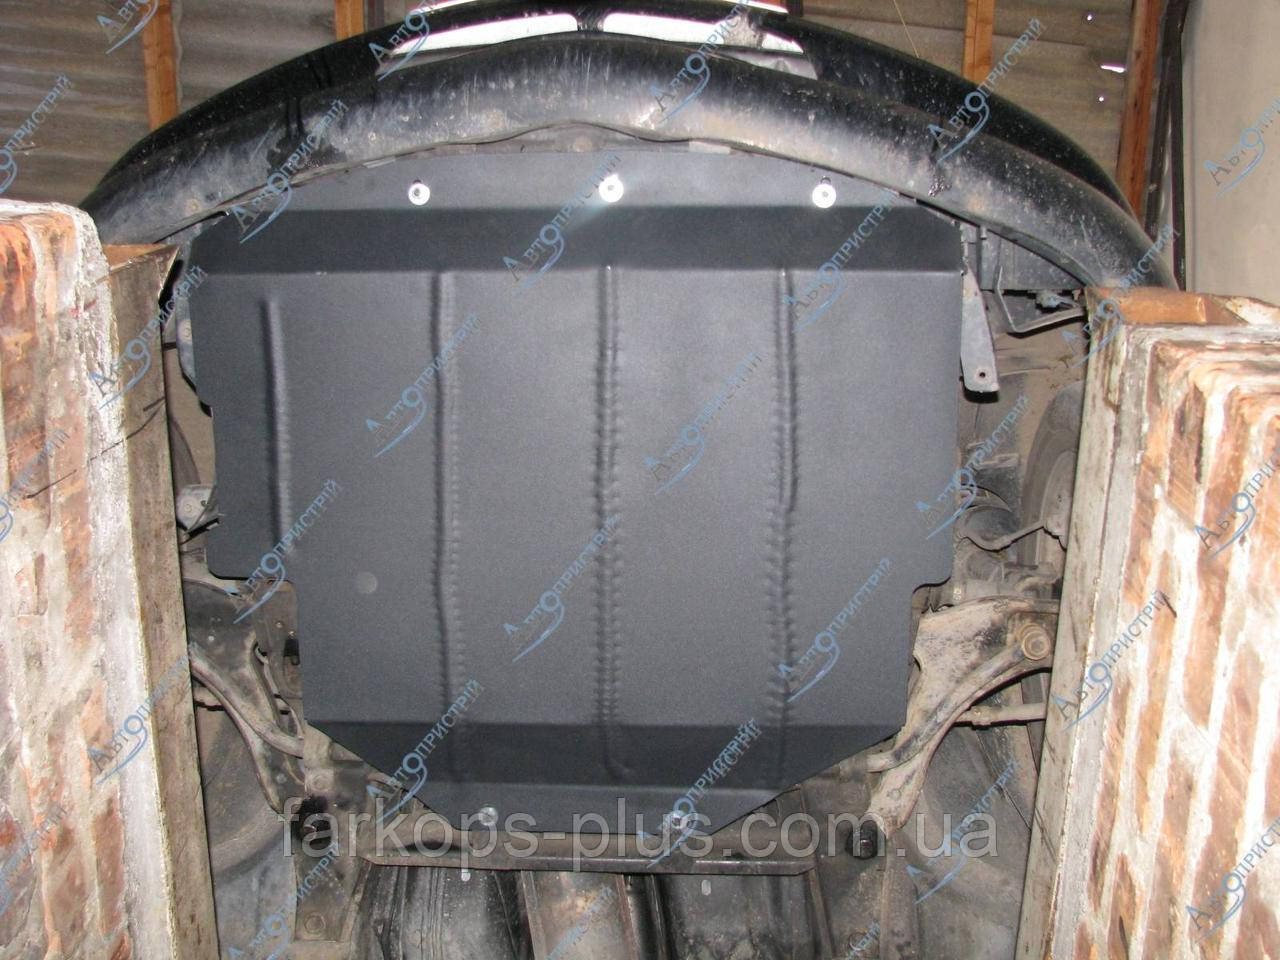 Захист двигуна і кпп - механіка Chrysler PT Cruiser (2000-2010) 1.6, 2.0, 2.4, 2.2 D